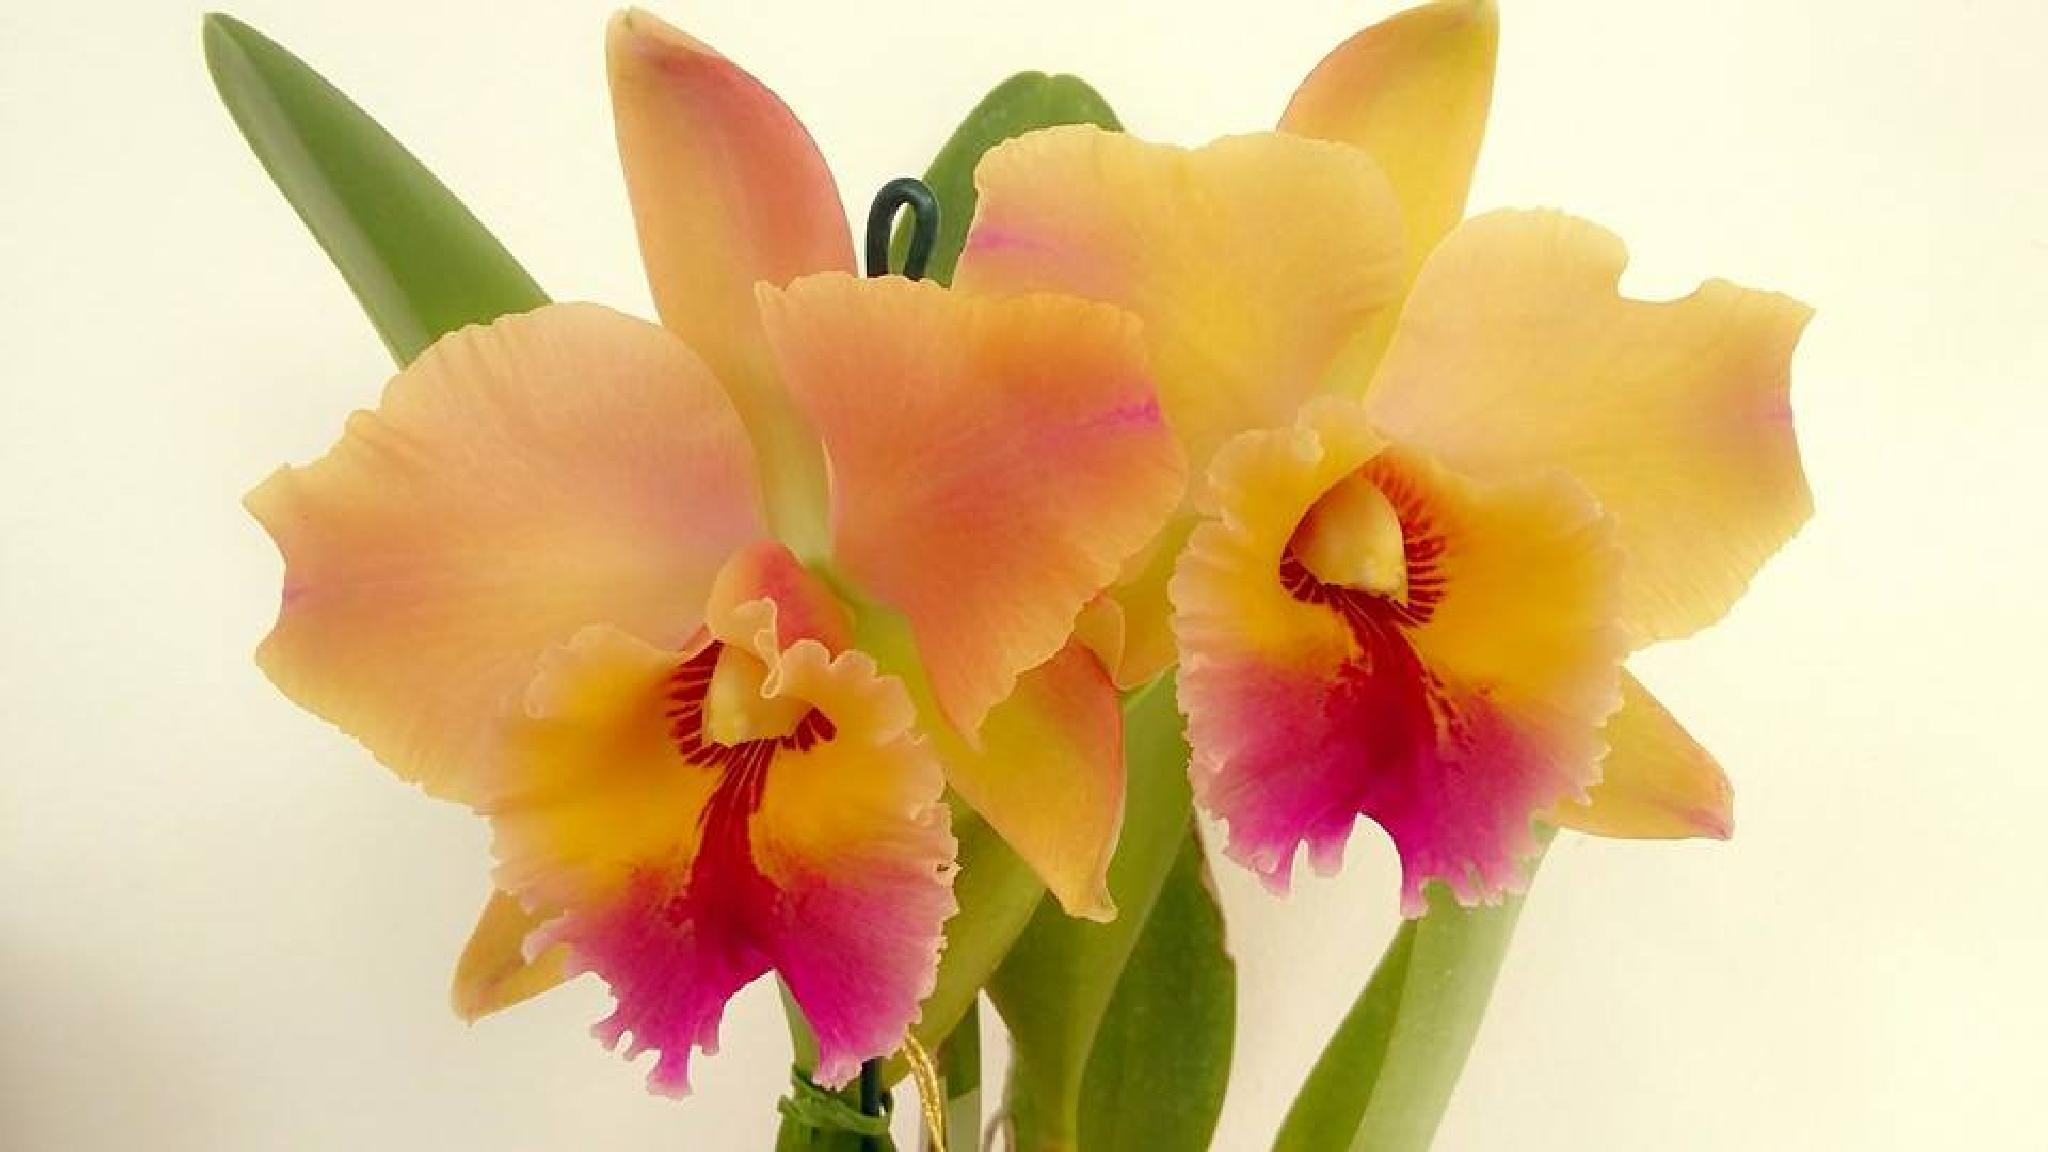 Orchid from Amélie - Boutique das Flores, Brazilian Grower. by Floricultura Amélie Flores Tatuí